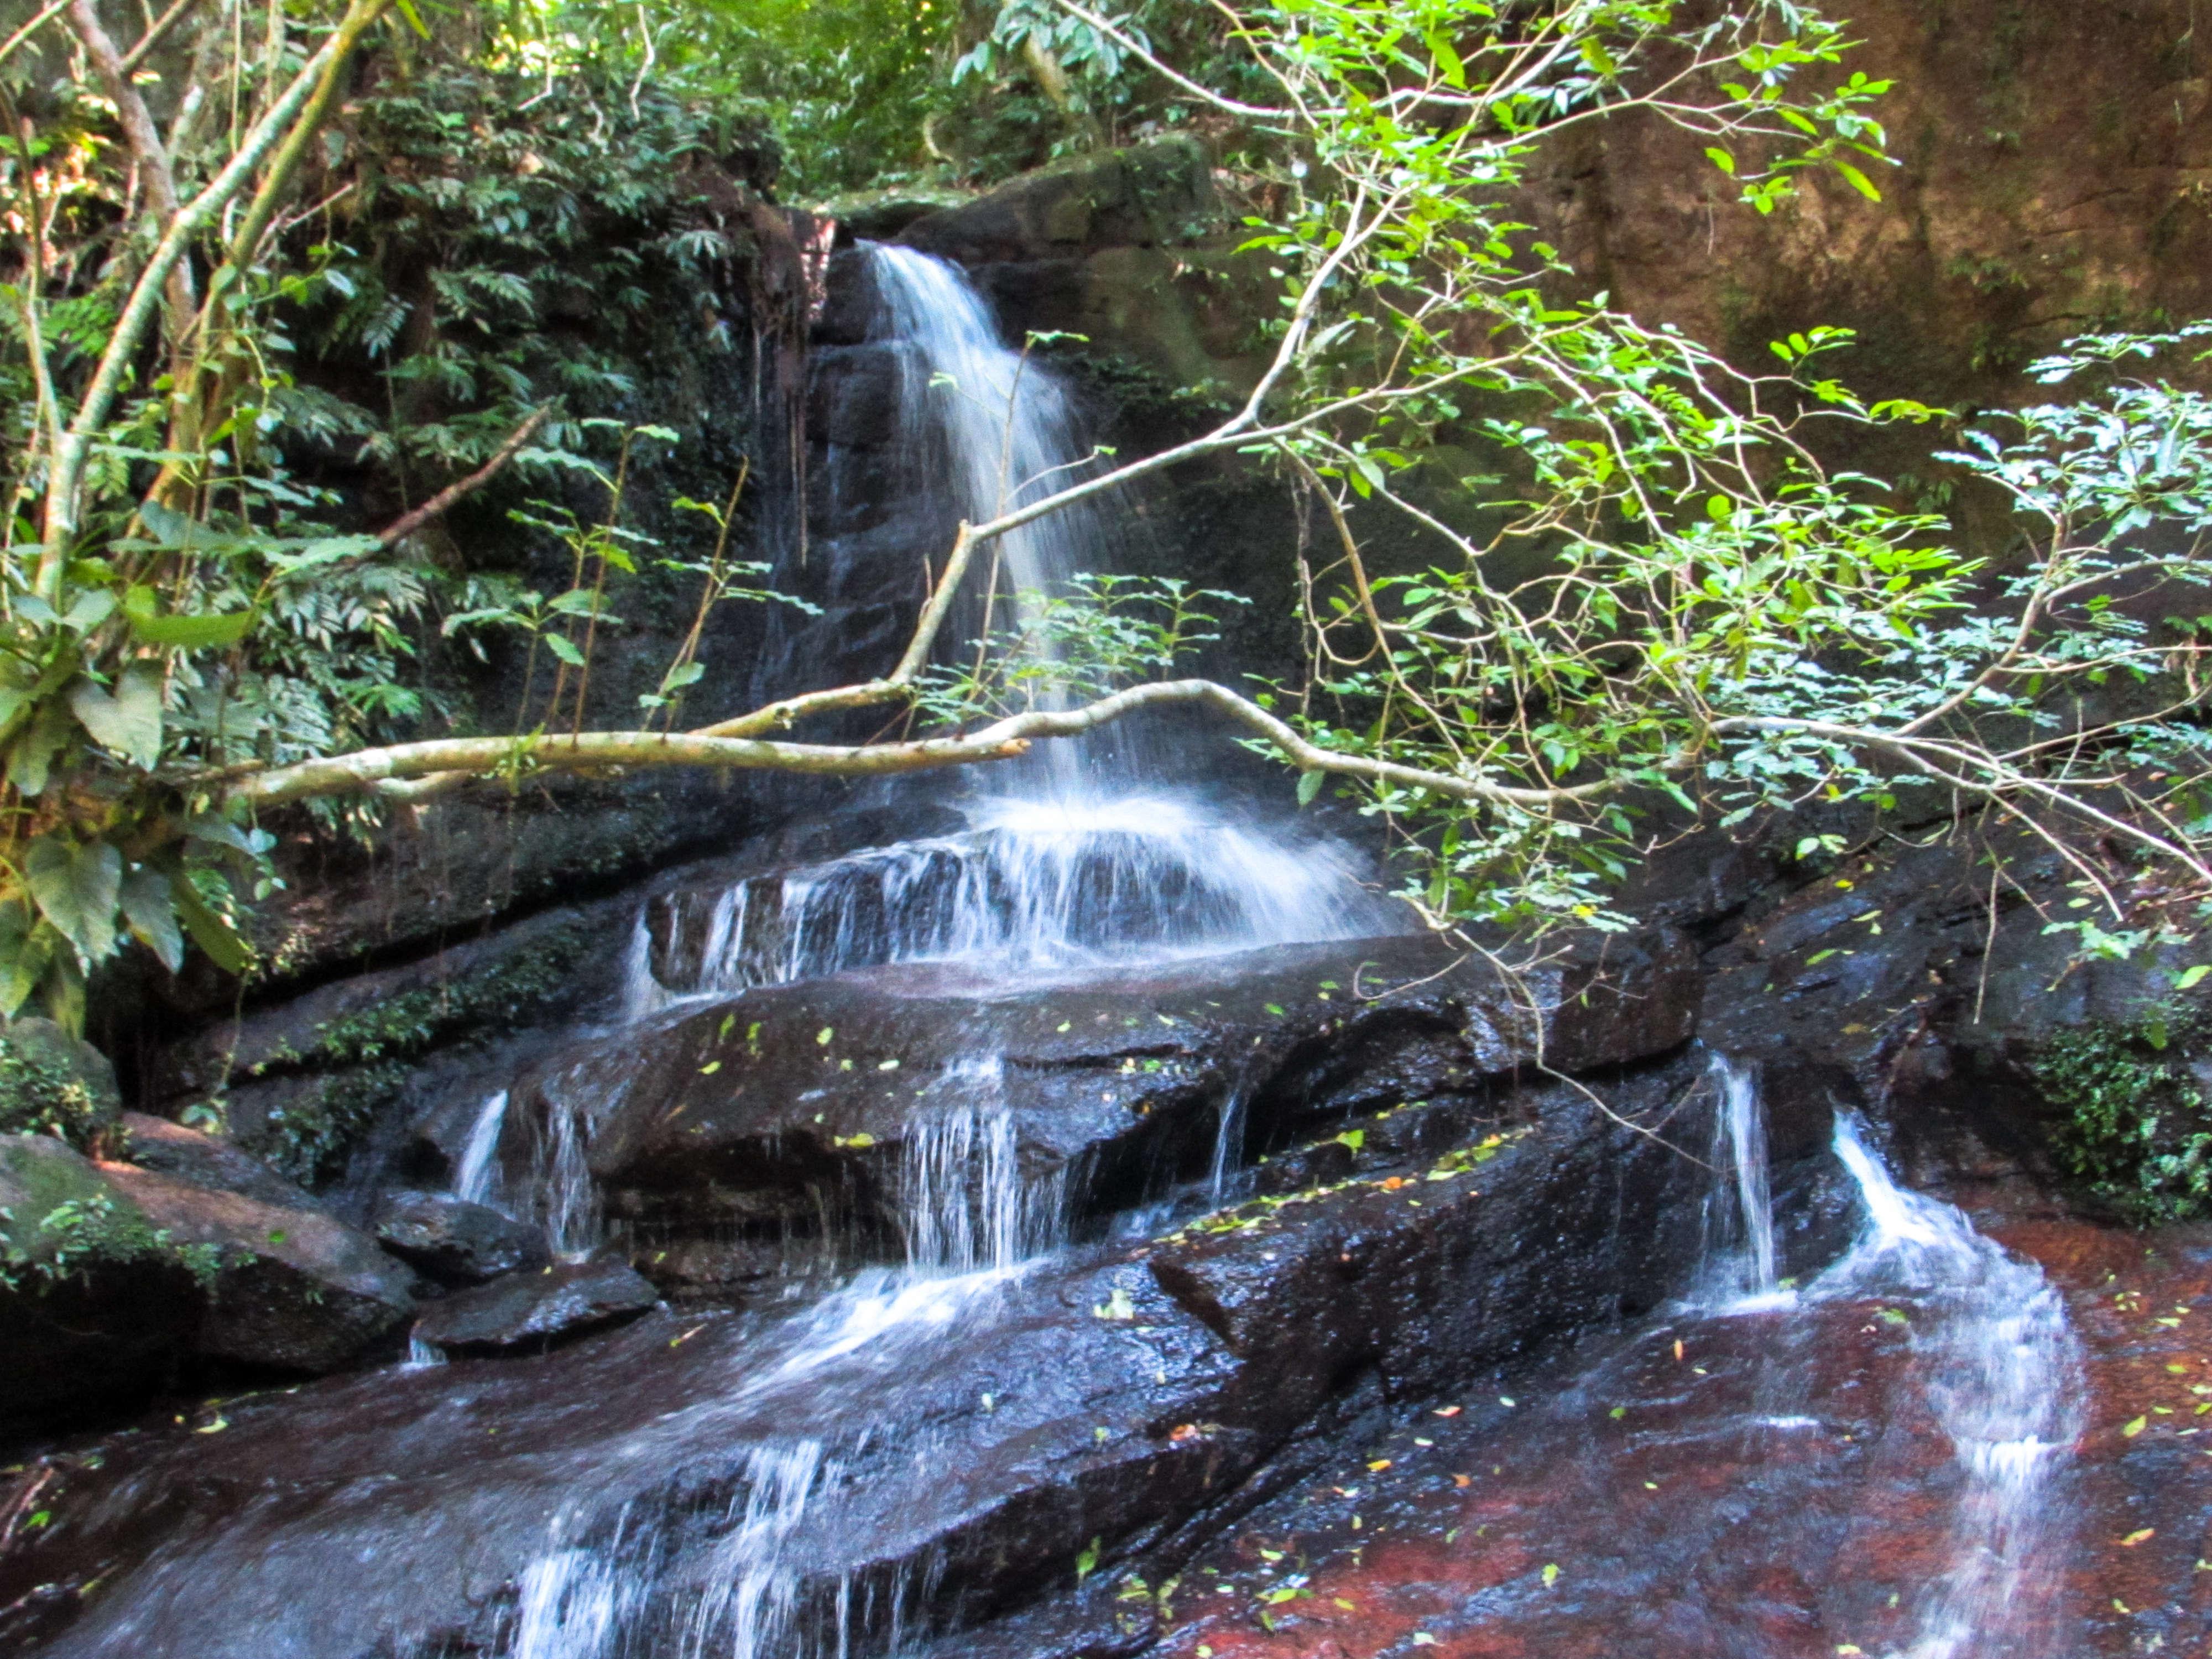 cachoeira-do-camorim-vamos-trilhar